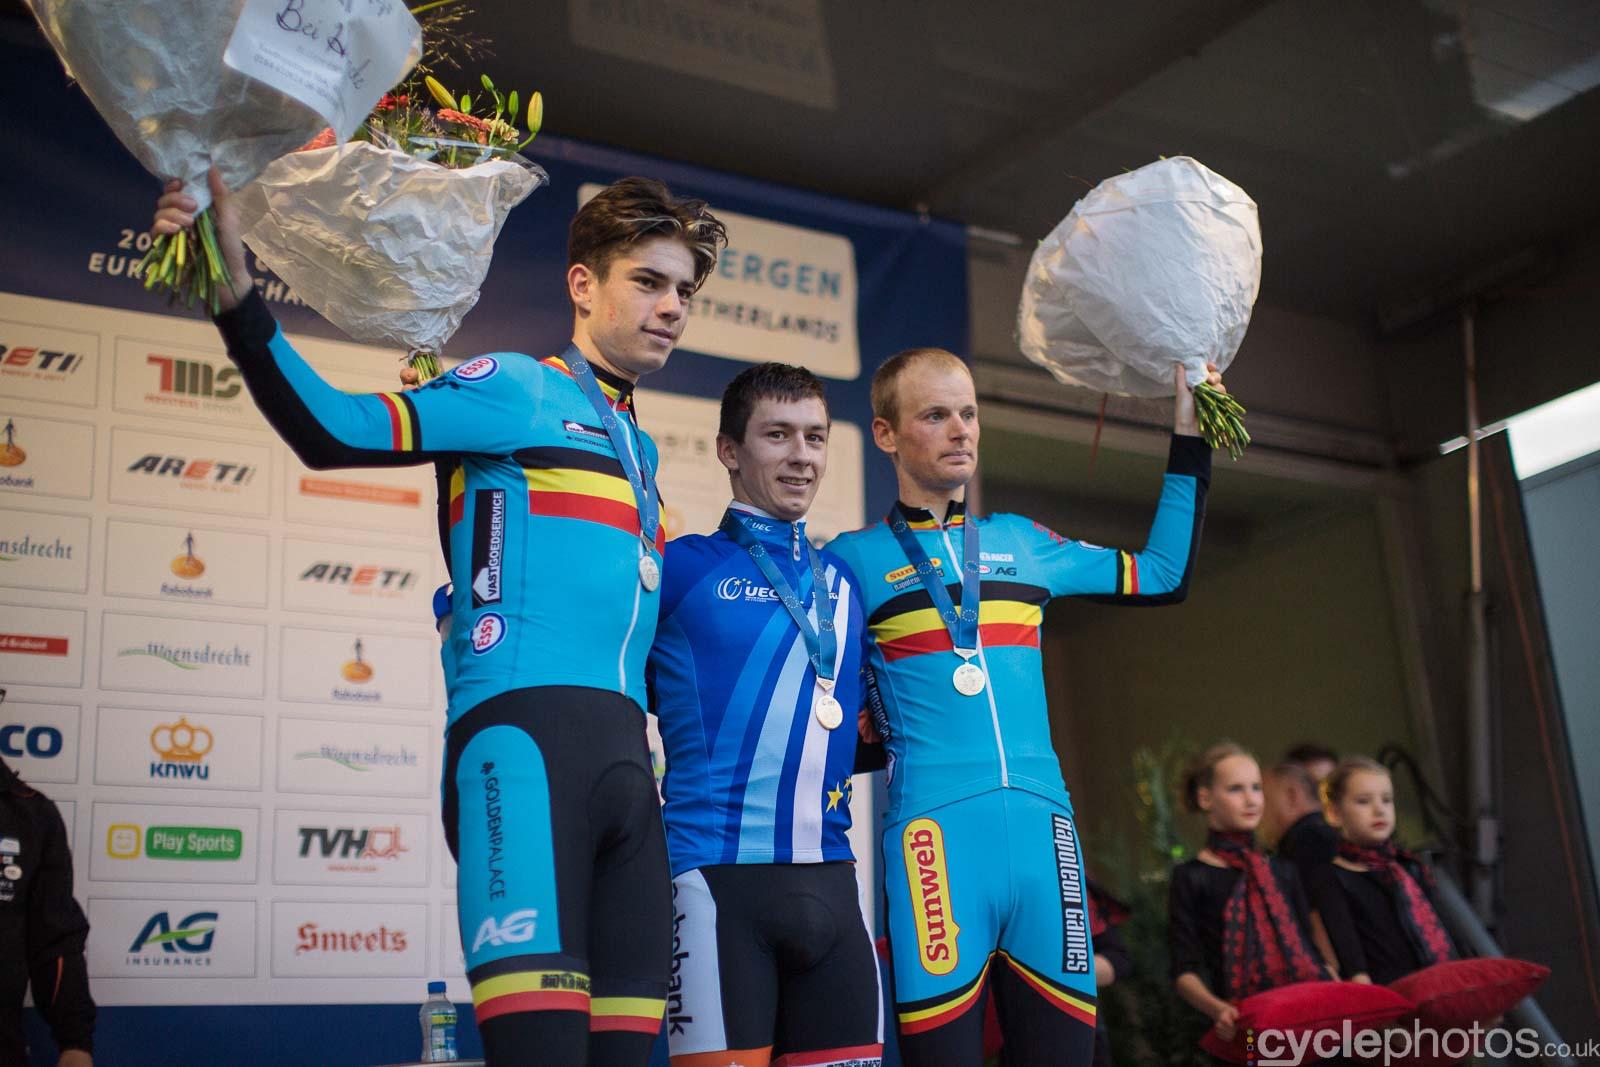 2015-cyclephotos-cyclocross-eucx-huijbergen-162518-lars-van-der-haar